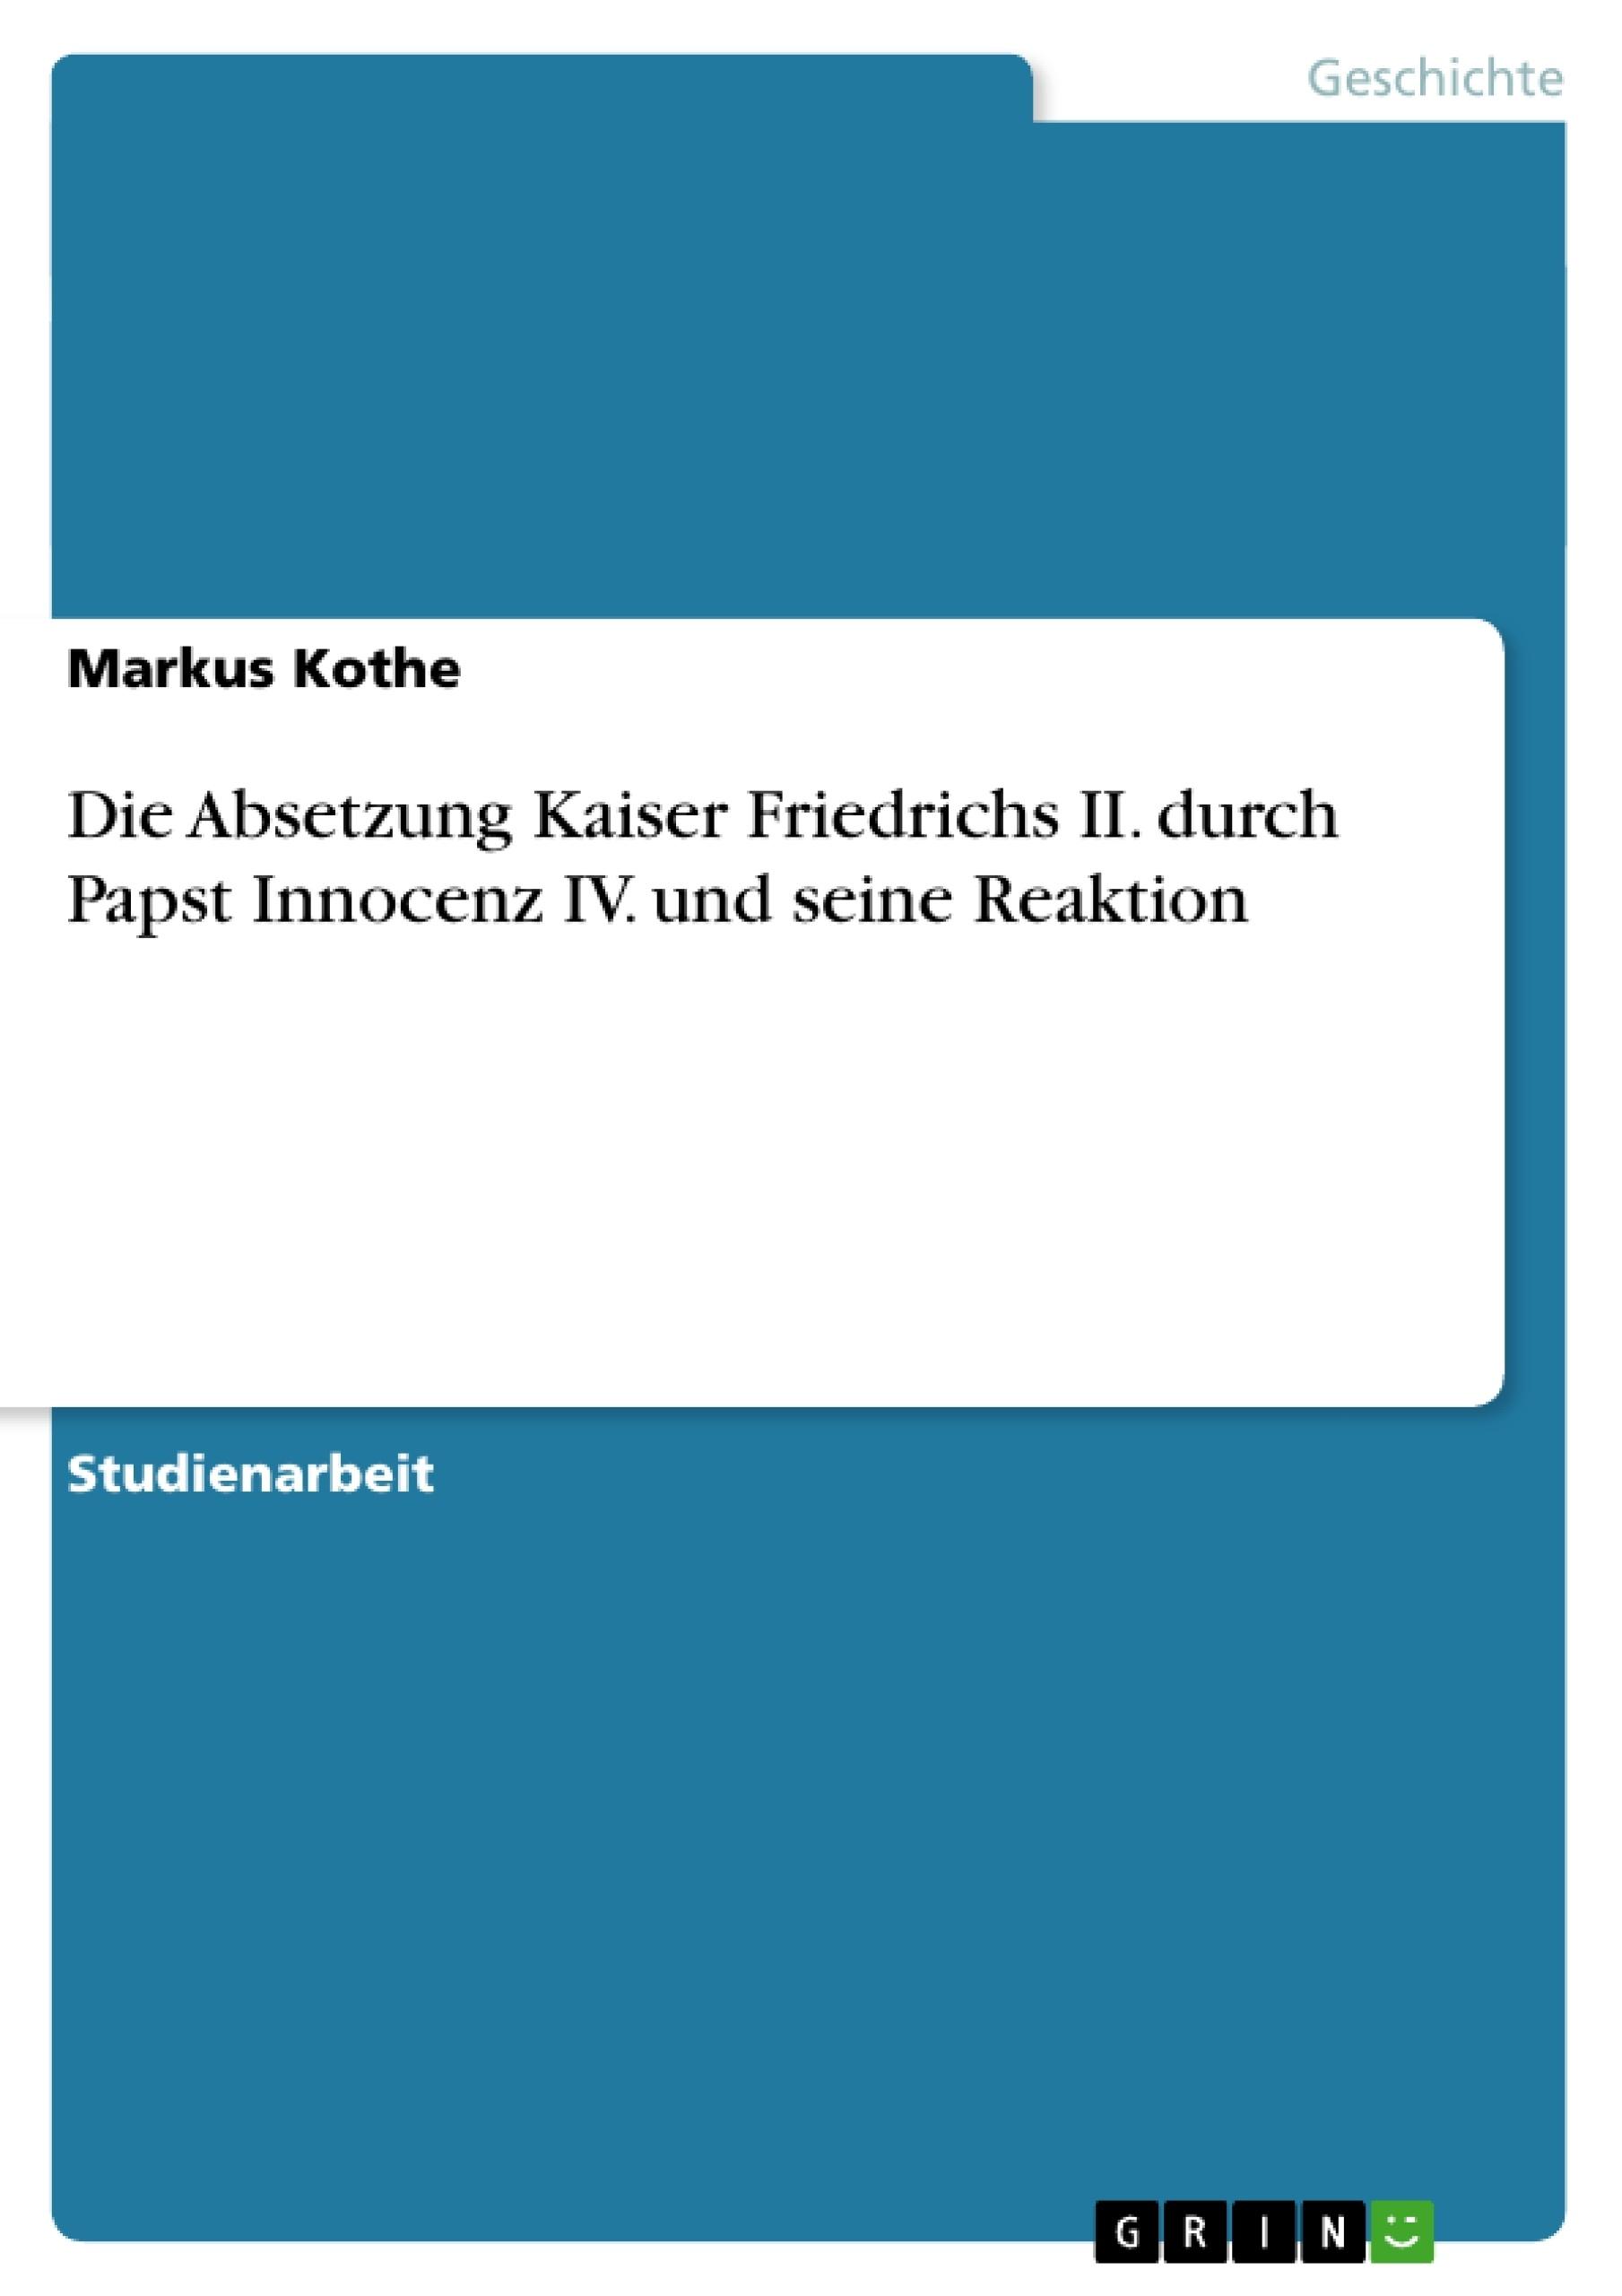 Titel: Die Absetzung Kaiser Friedrichs II. durch Papst Innocenz IV. und seine Reaktion